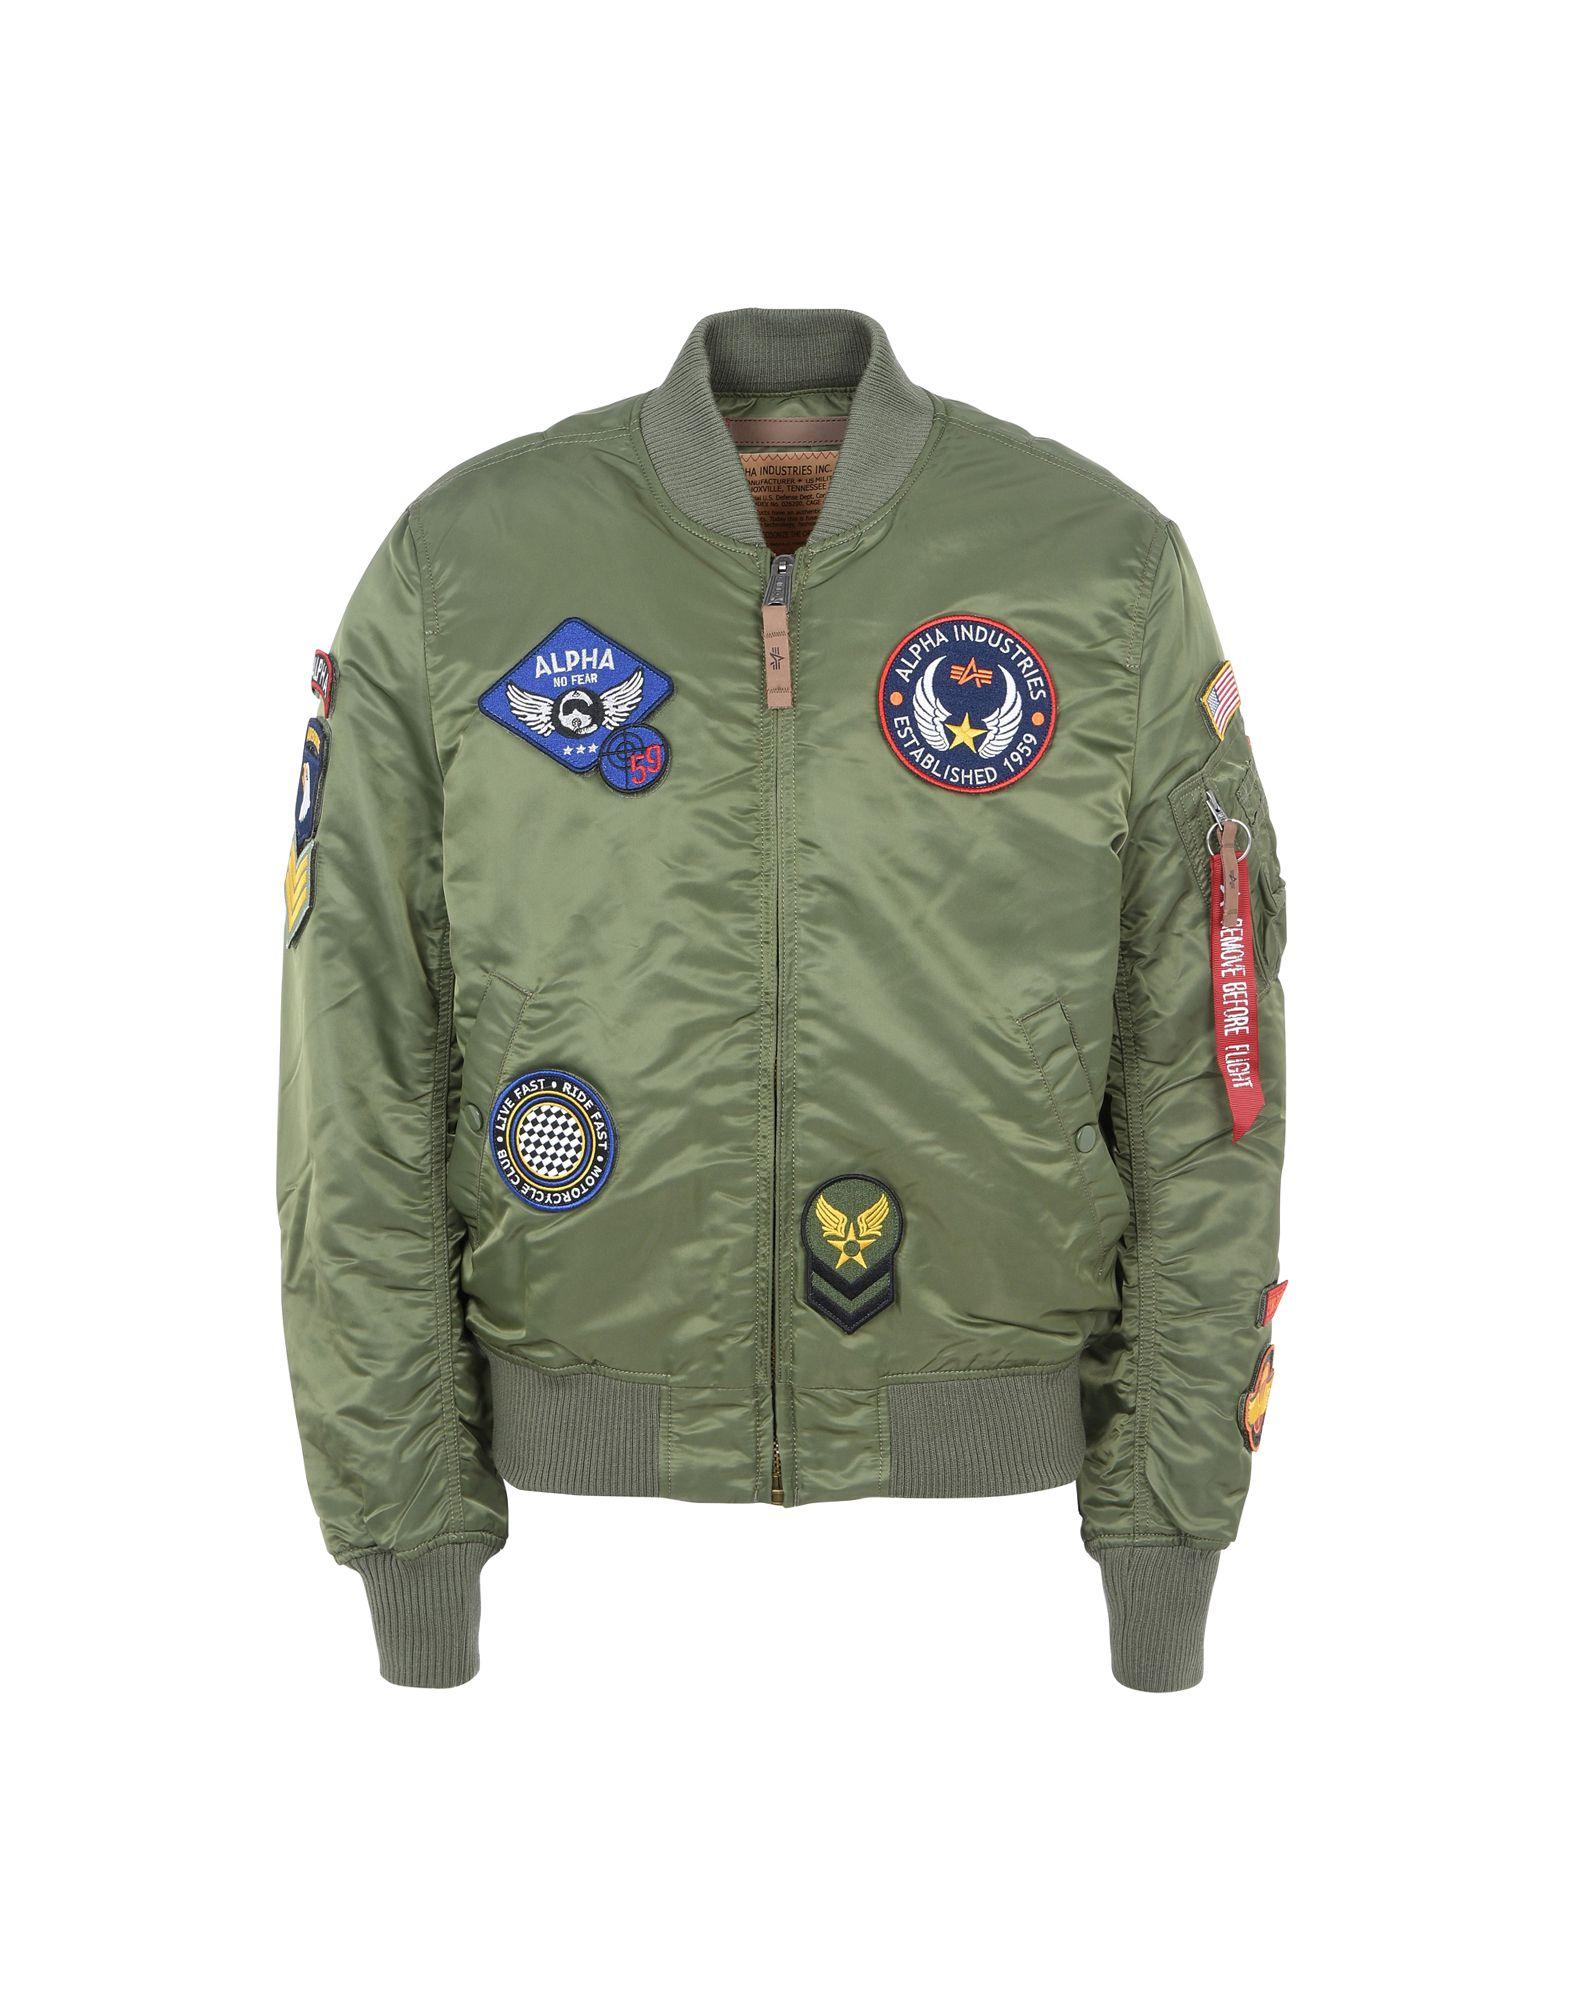 Bomber Alpha Industries Inc. Ma-1 Vf Diy Jacket - Uomo - Acquista online su